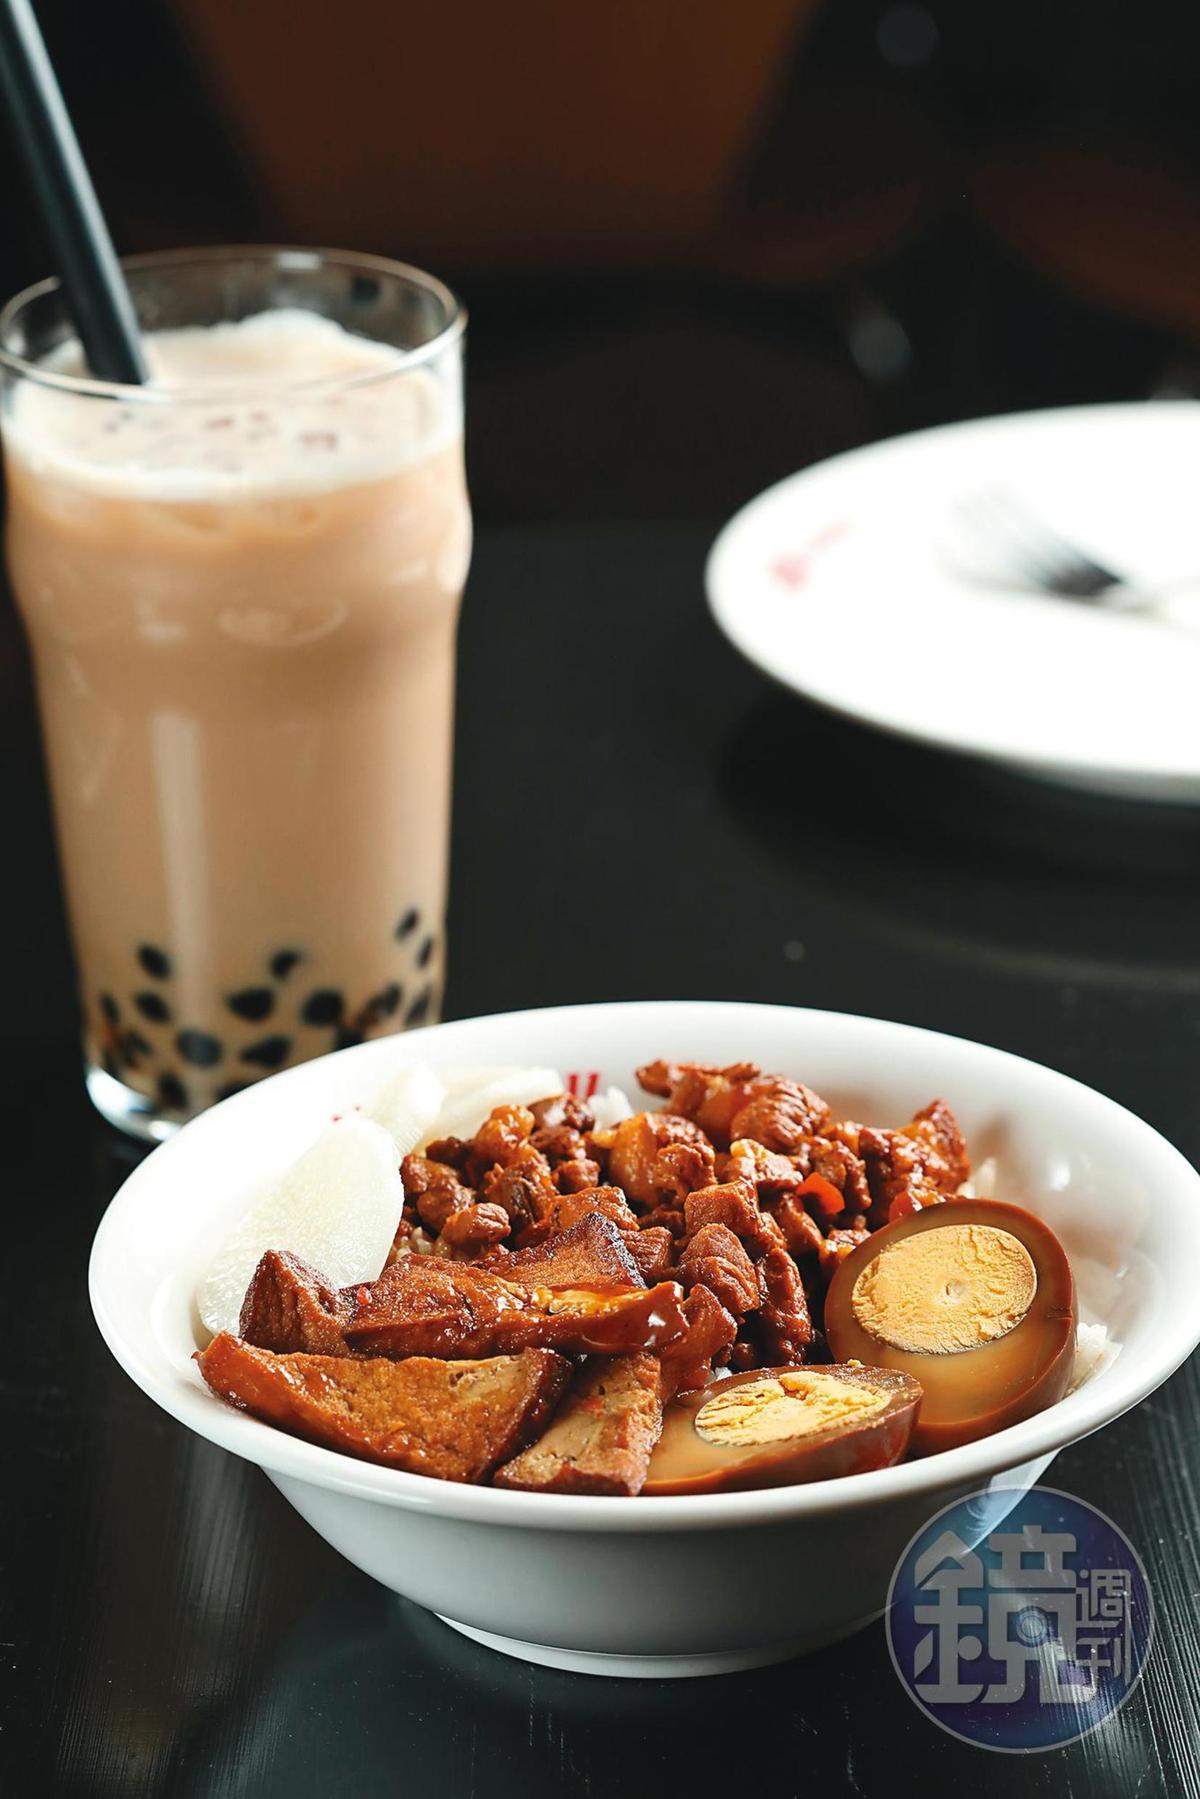 配上油豆腐、滷蛋的「滷肉飯」,吃飽也吃巧。(1,200福林/份,約NT$111)